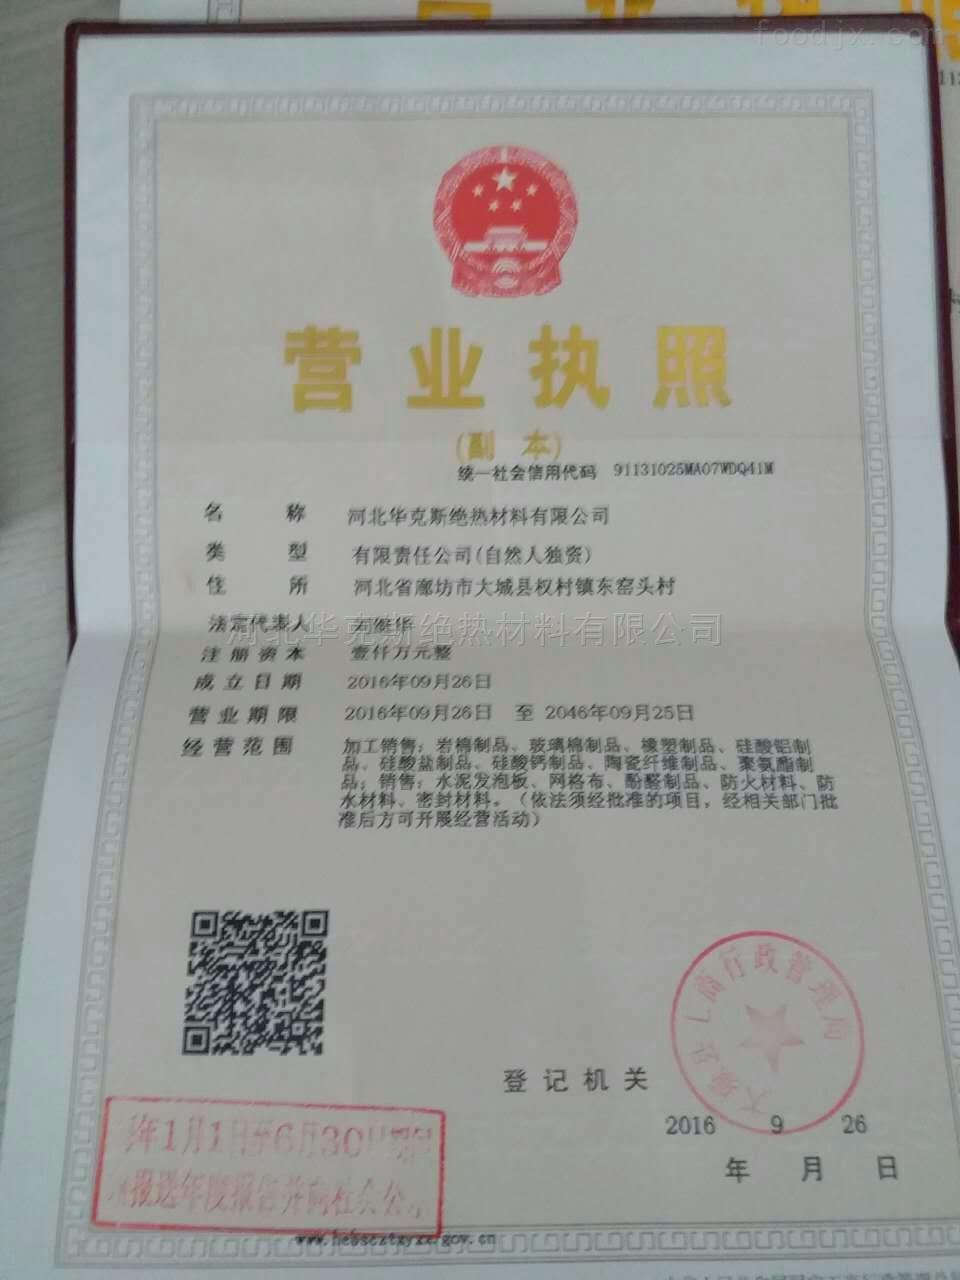 产品其他证书